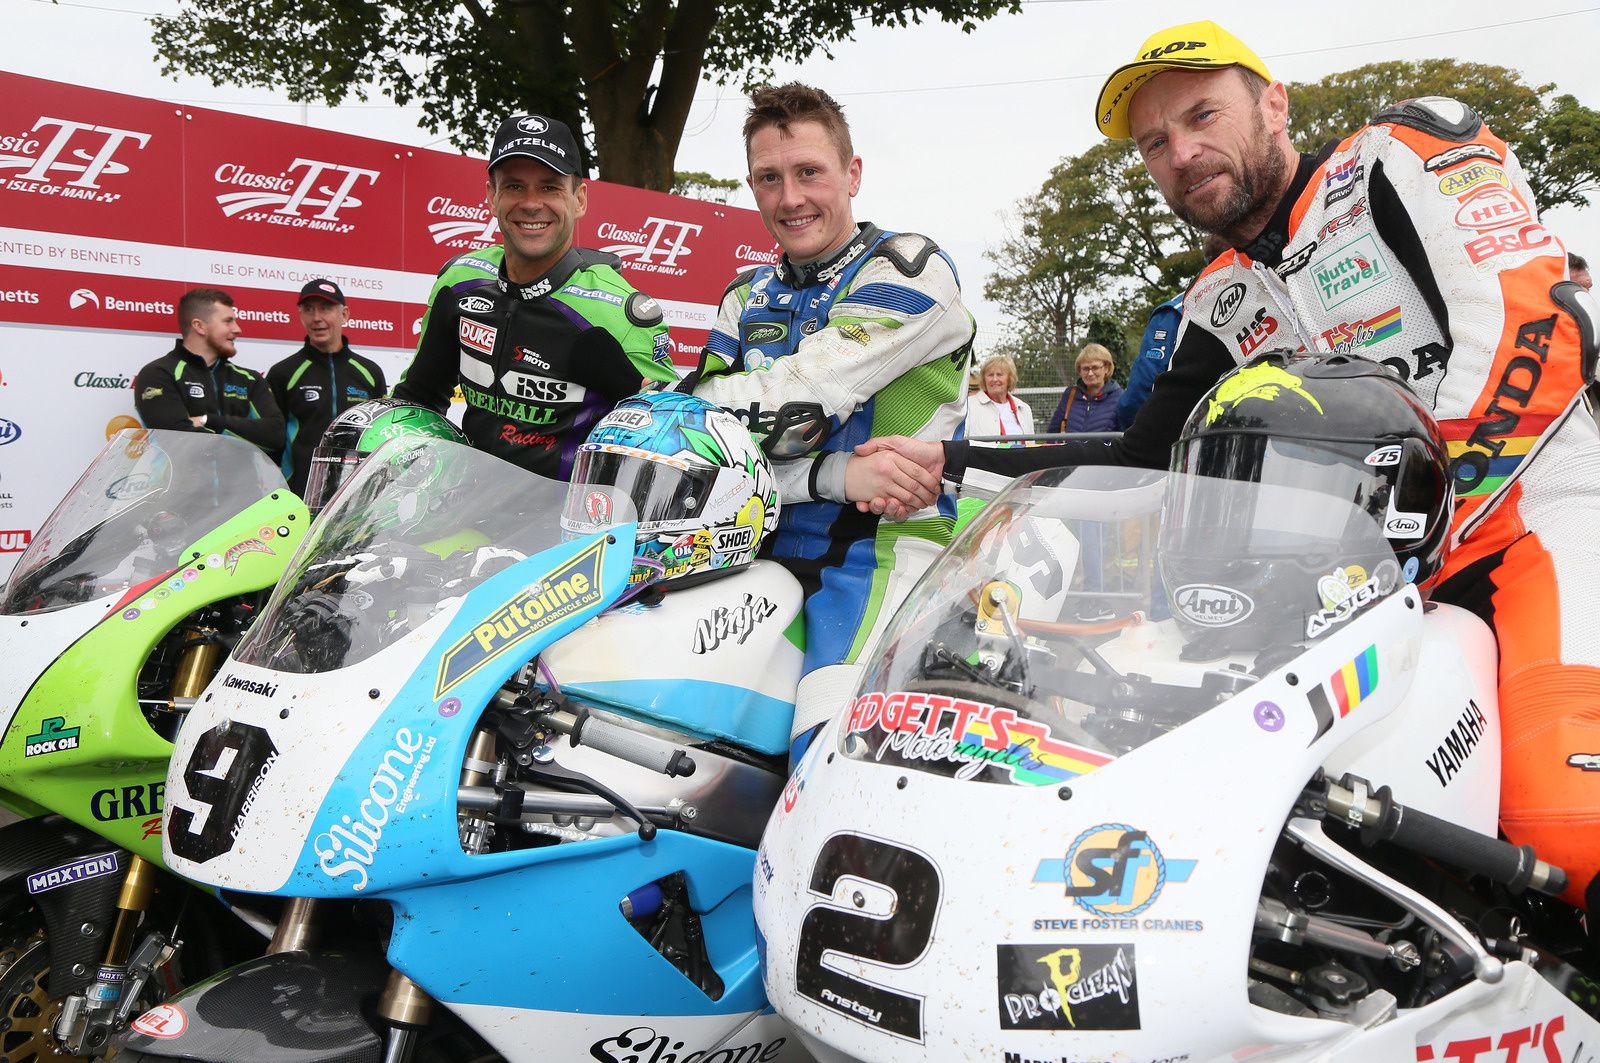 de gauche à droite: Horst Saiger , Dean Harrison et Bruce Anstey